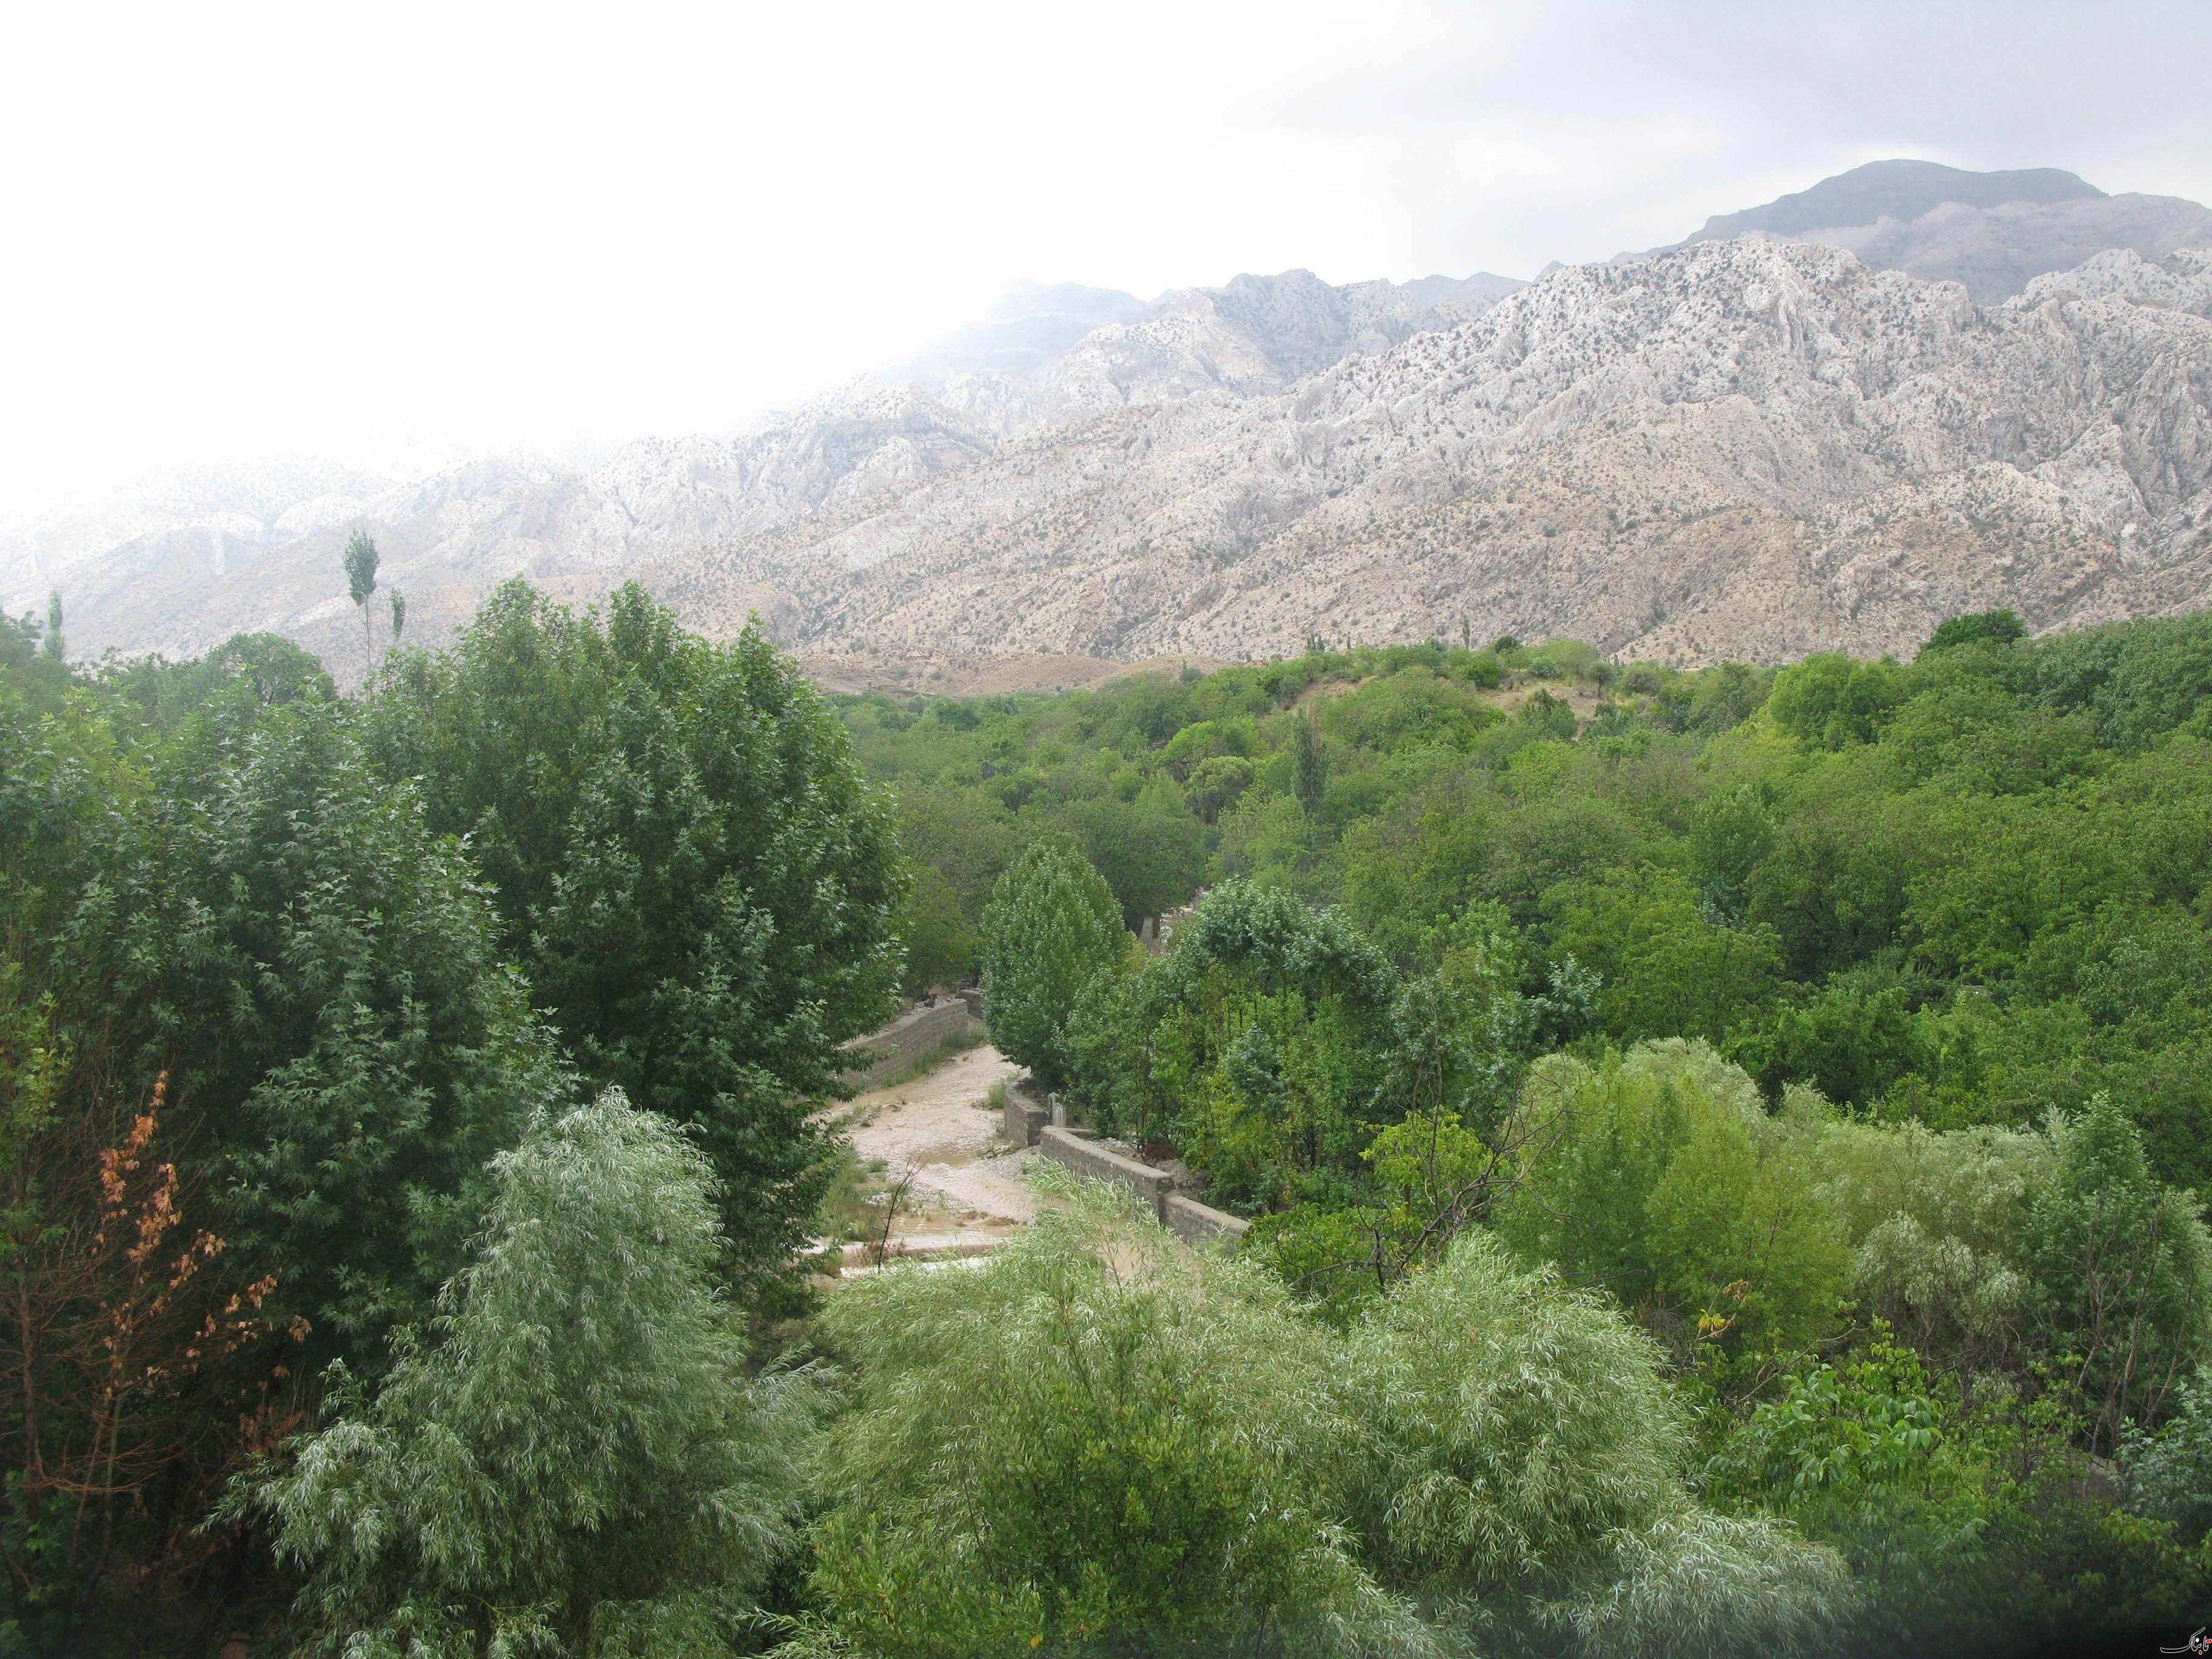 بخش خَبر (پارک کلی خبر) از توابع شهرستان بافت